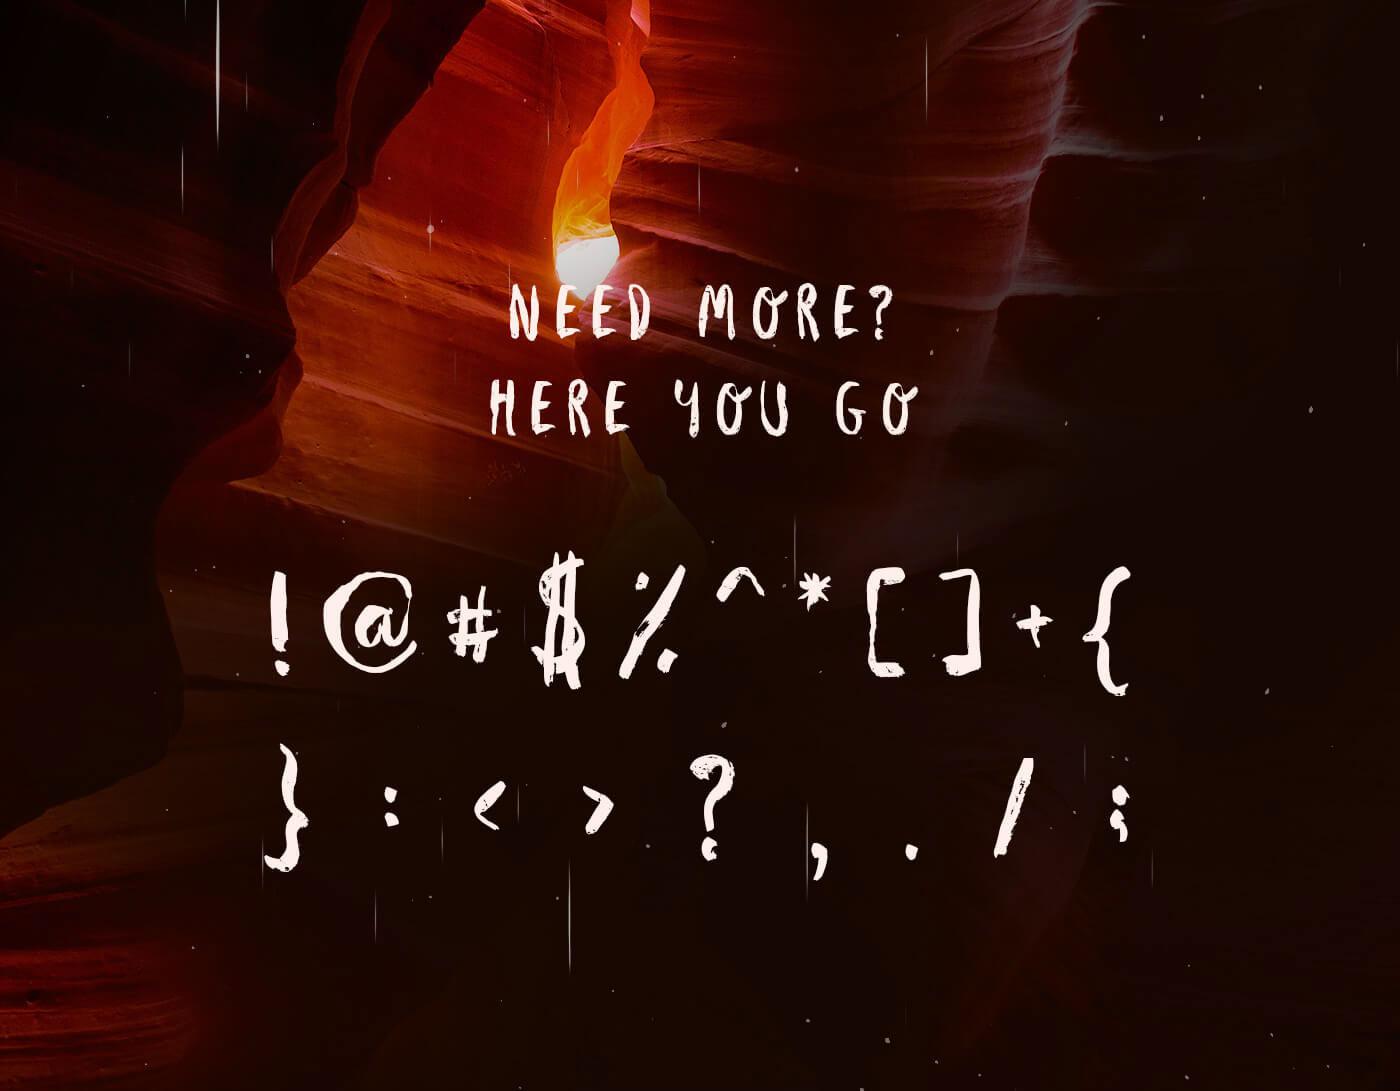 AVENE Free Font - script